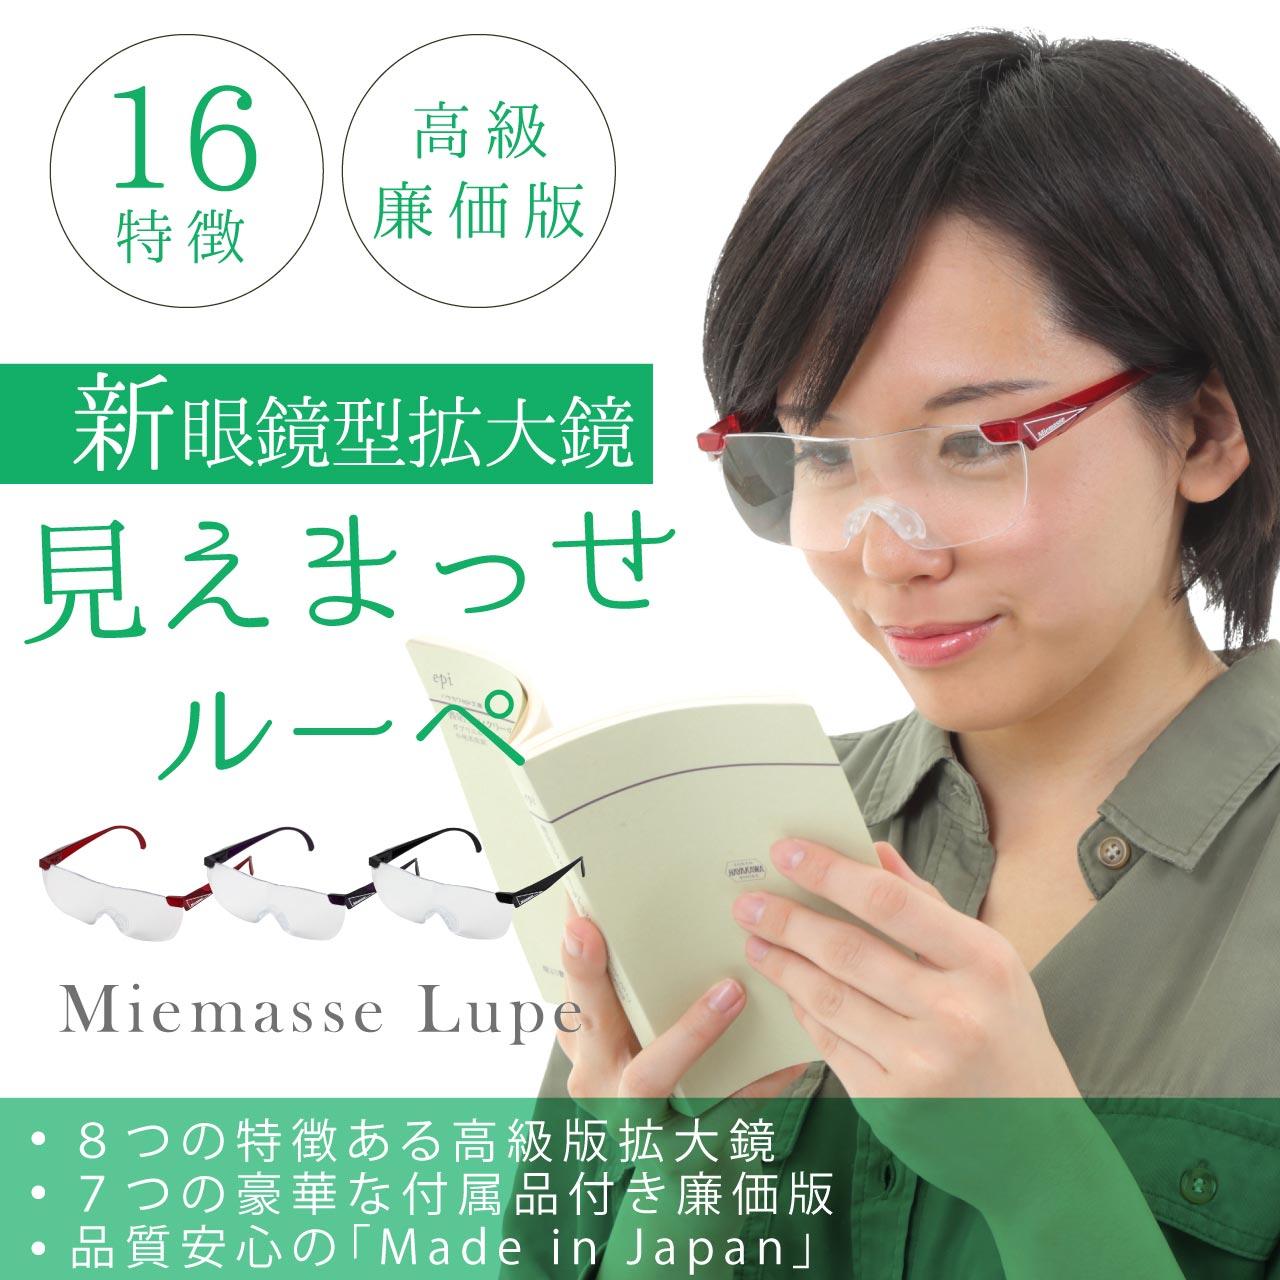 【国内最安値】 上品な新メガネ型拡大鏡 高級廉価版 16特徴 見えまっせルーペ 付属品充実 疲れにくい1.6倍 Miemasse Lupe (紫)